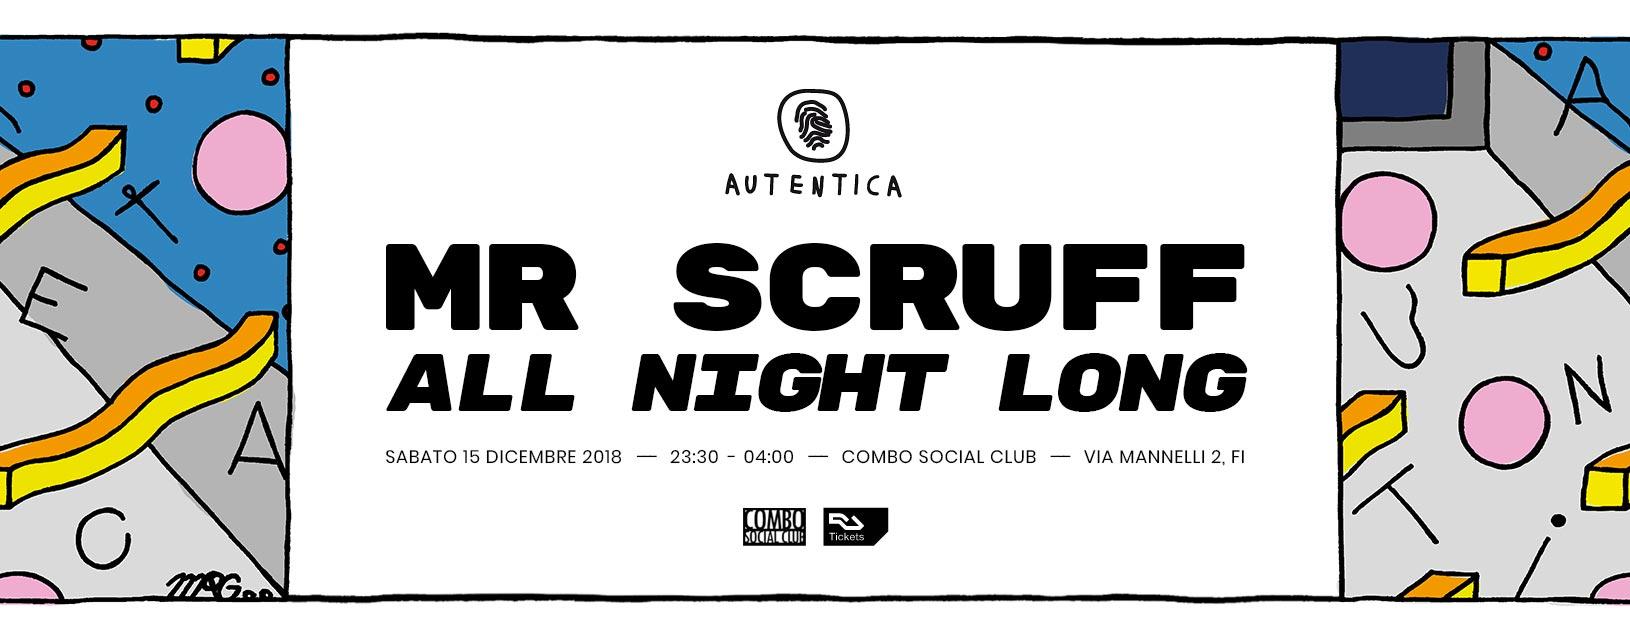 Autentica pres • Mr Scruff (All night long)